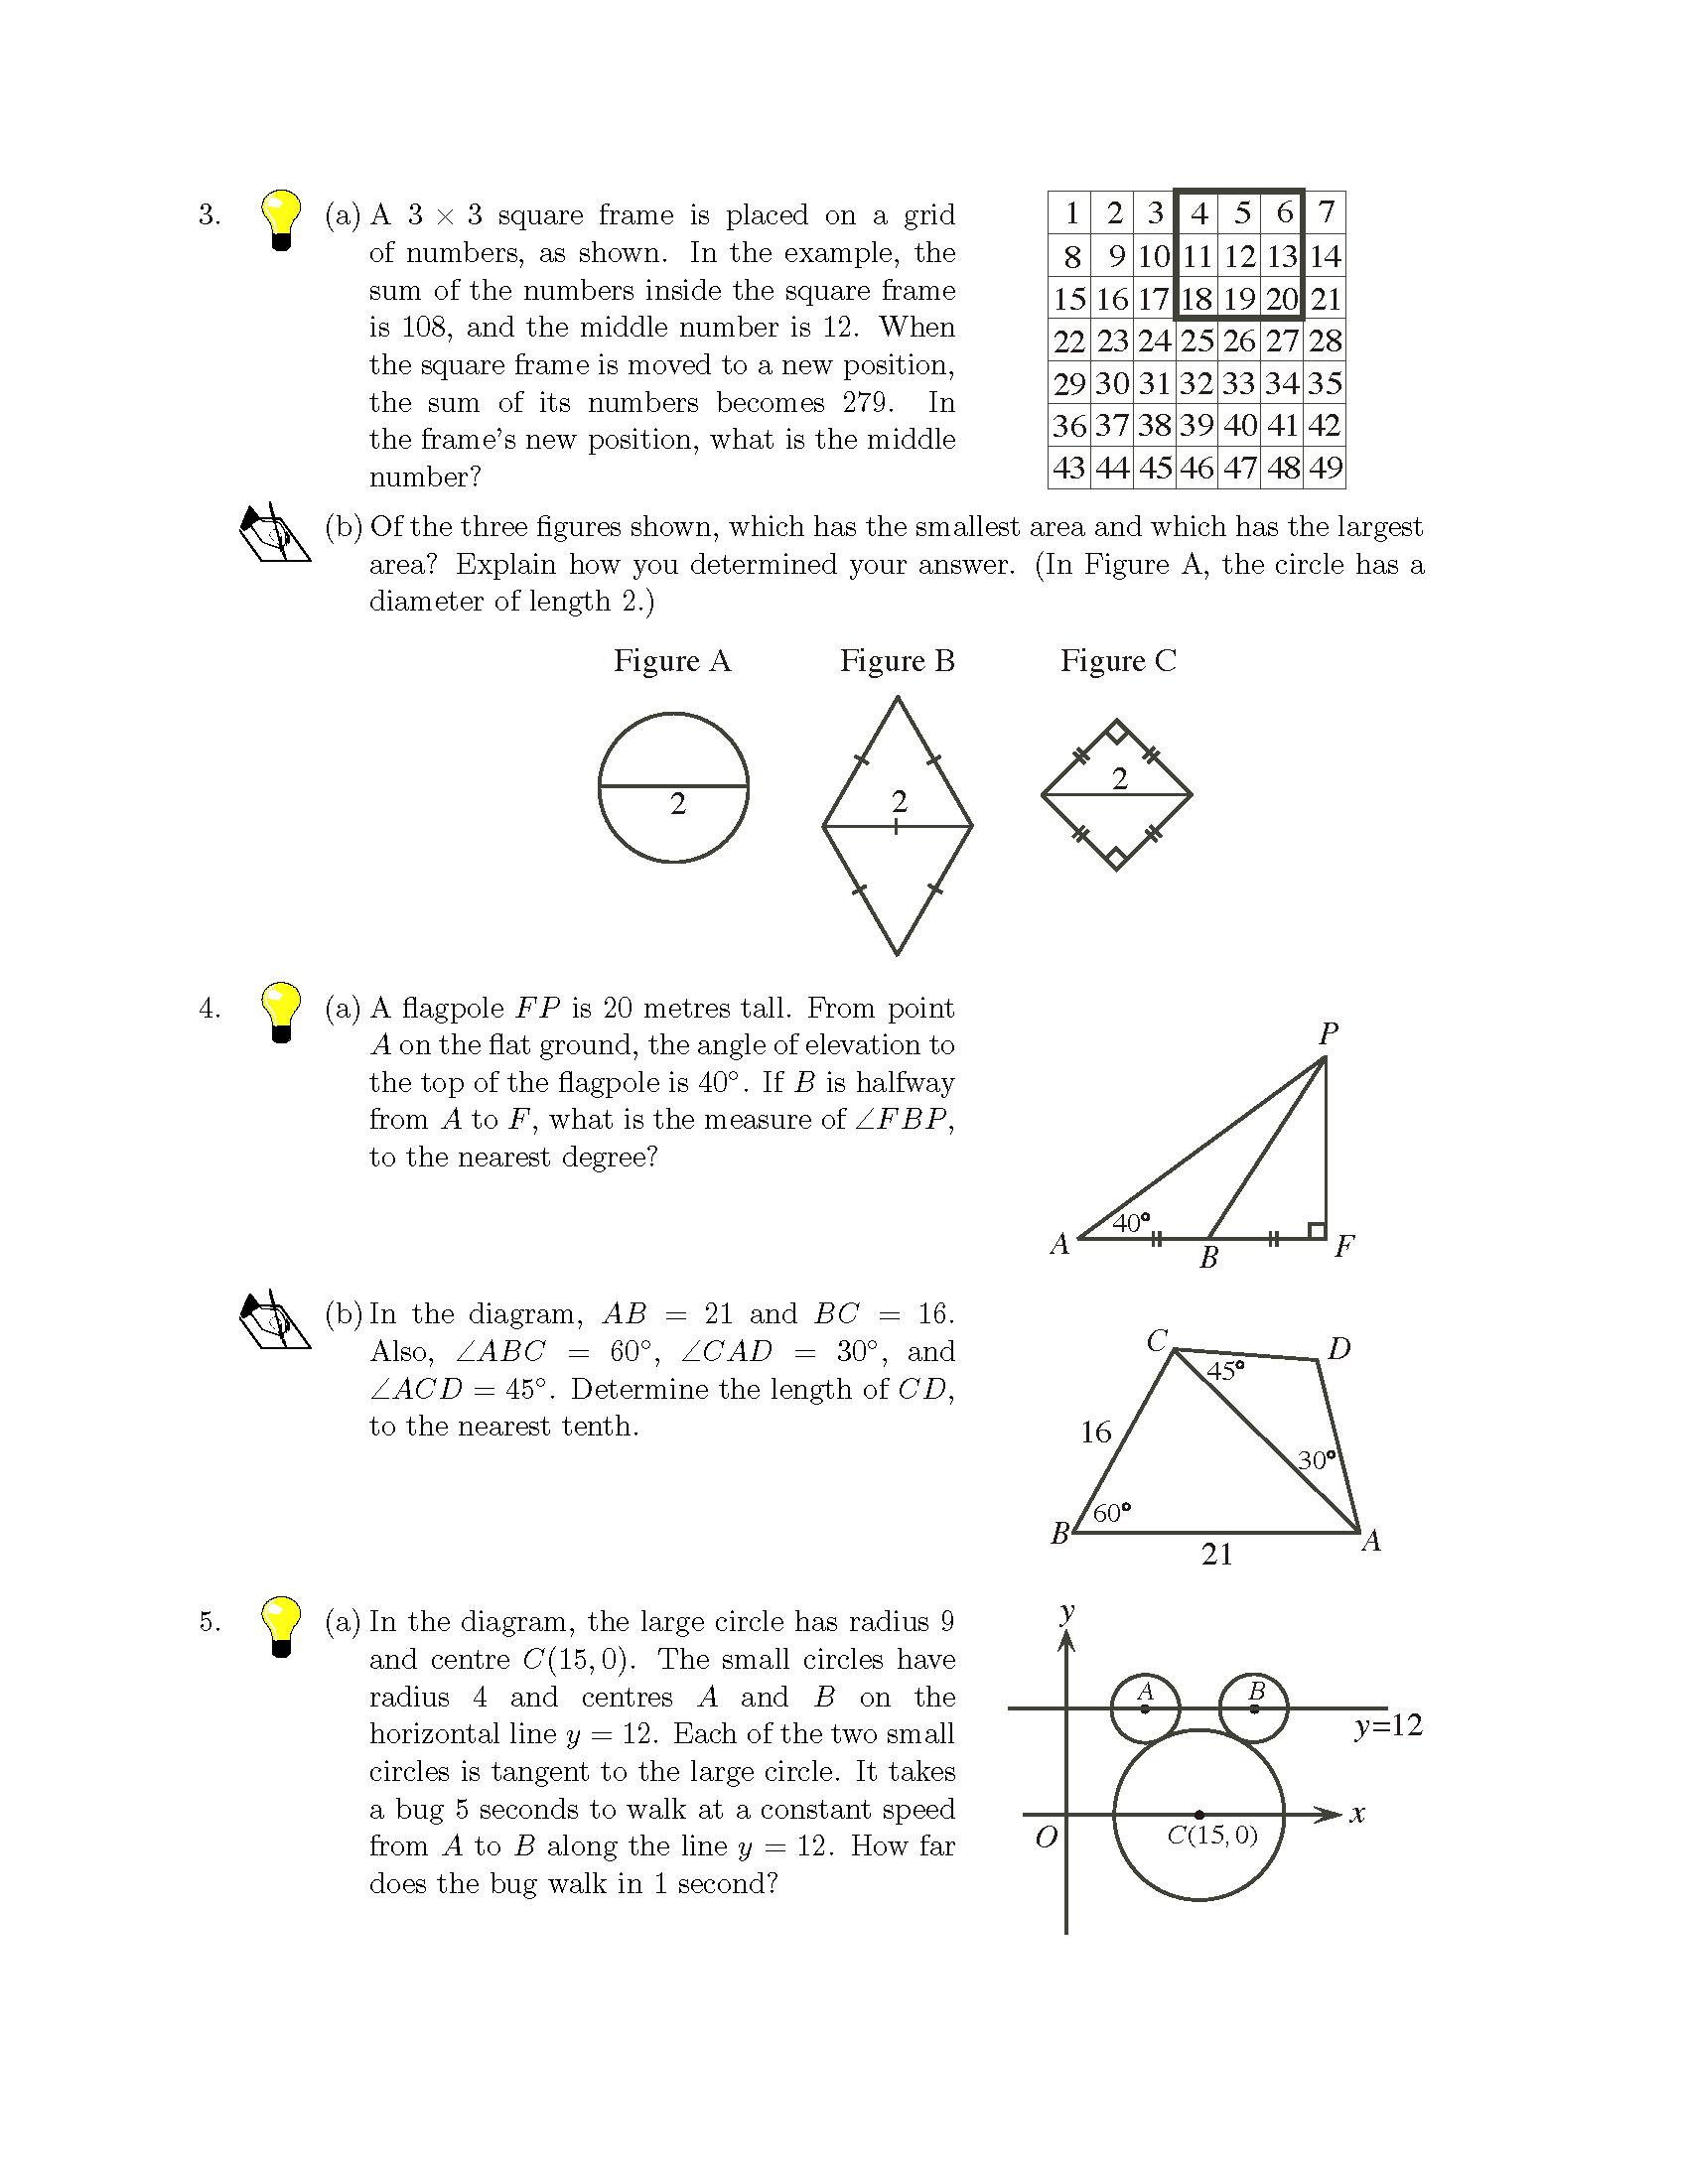 加拿大数学竞赛CMC-Euclid欧几里德数学竞赛2008年真题